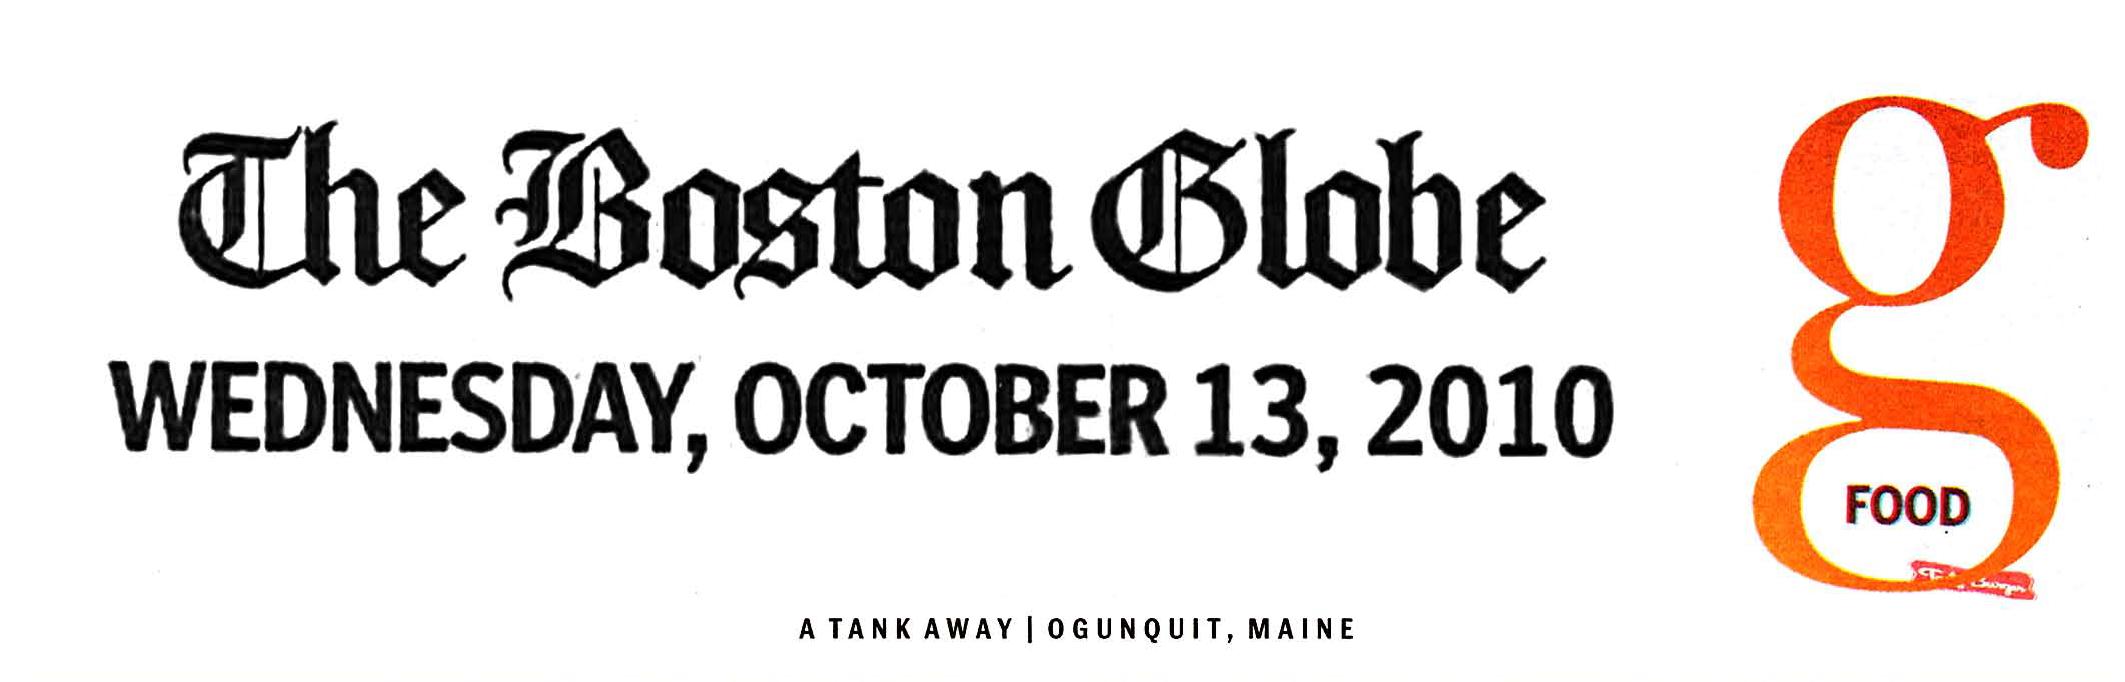 Boston Globe Food, Google, Mark Gaier, Clark Frasier